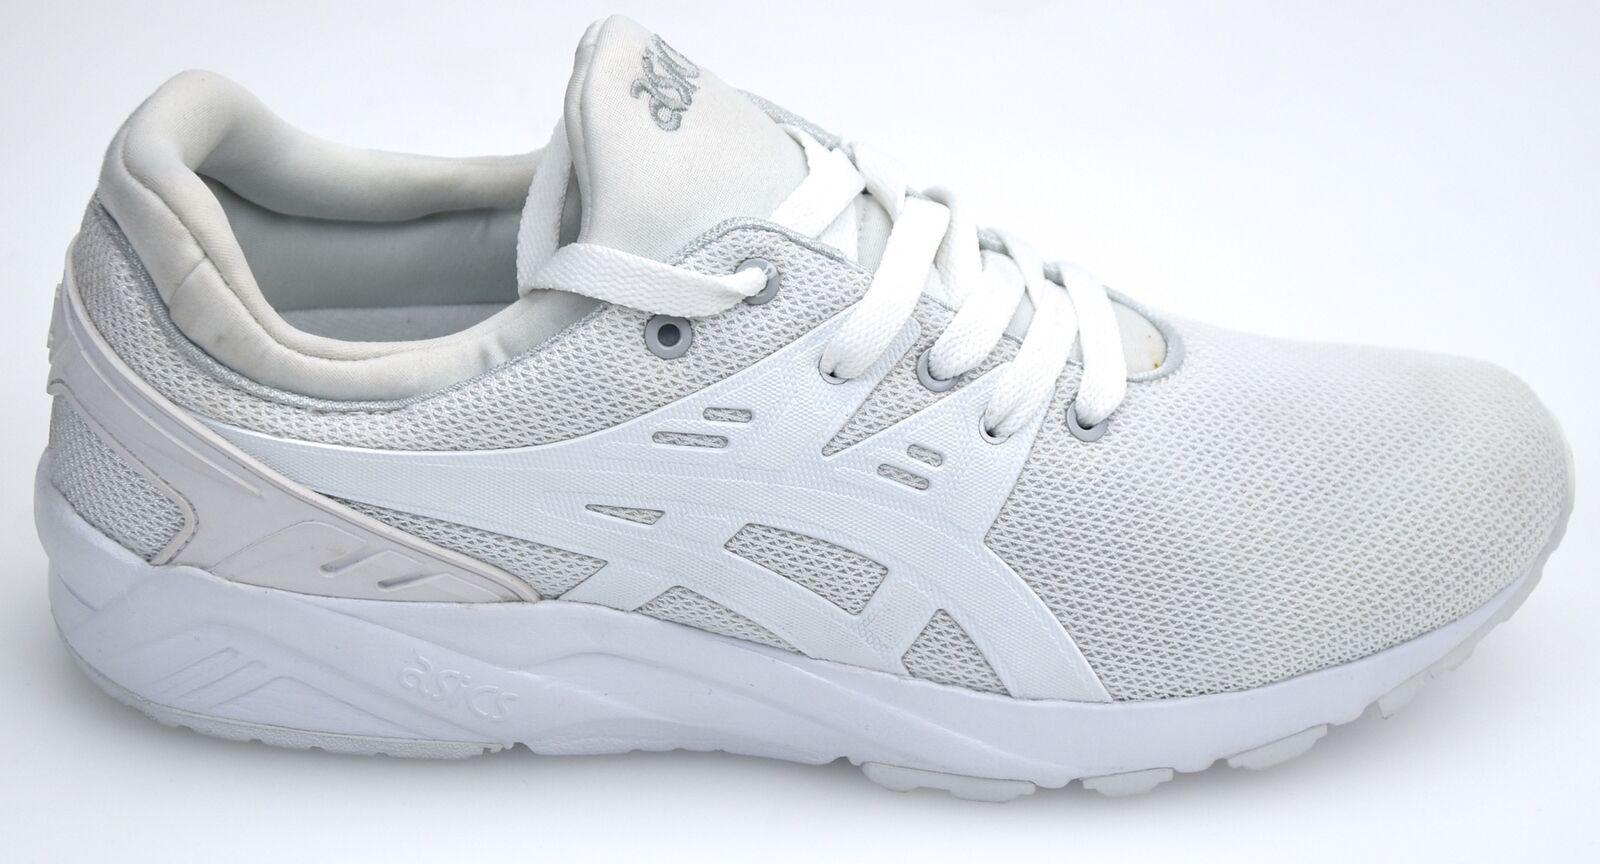 Asics mann sport sneaker schuhe schuhe schuhe synthetischen code h707n defekt 1320fe